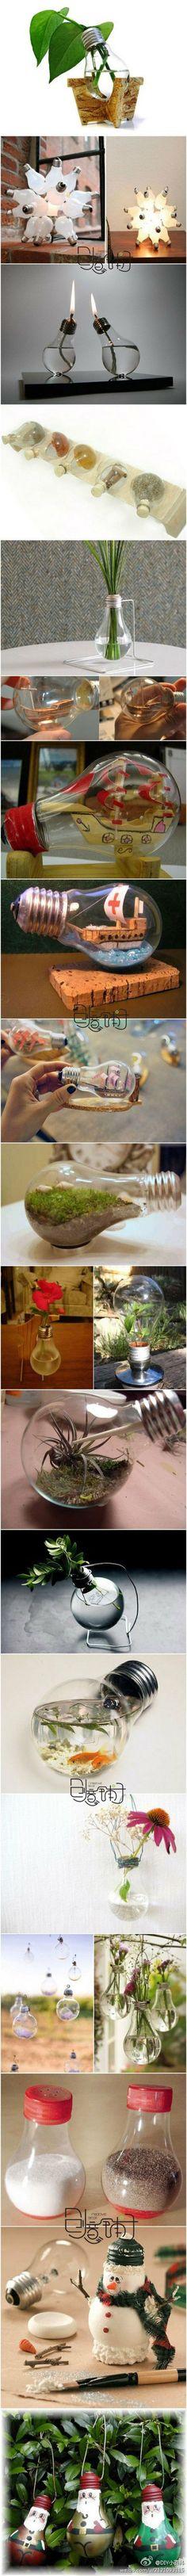 Lightbulb uses! I like the flower pot idea best